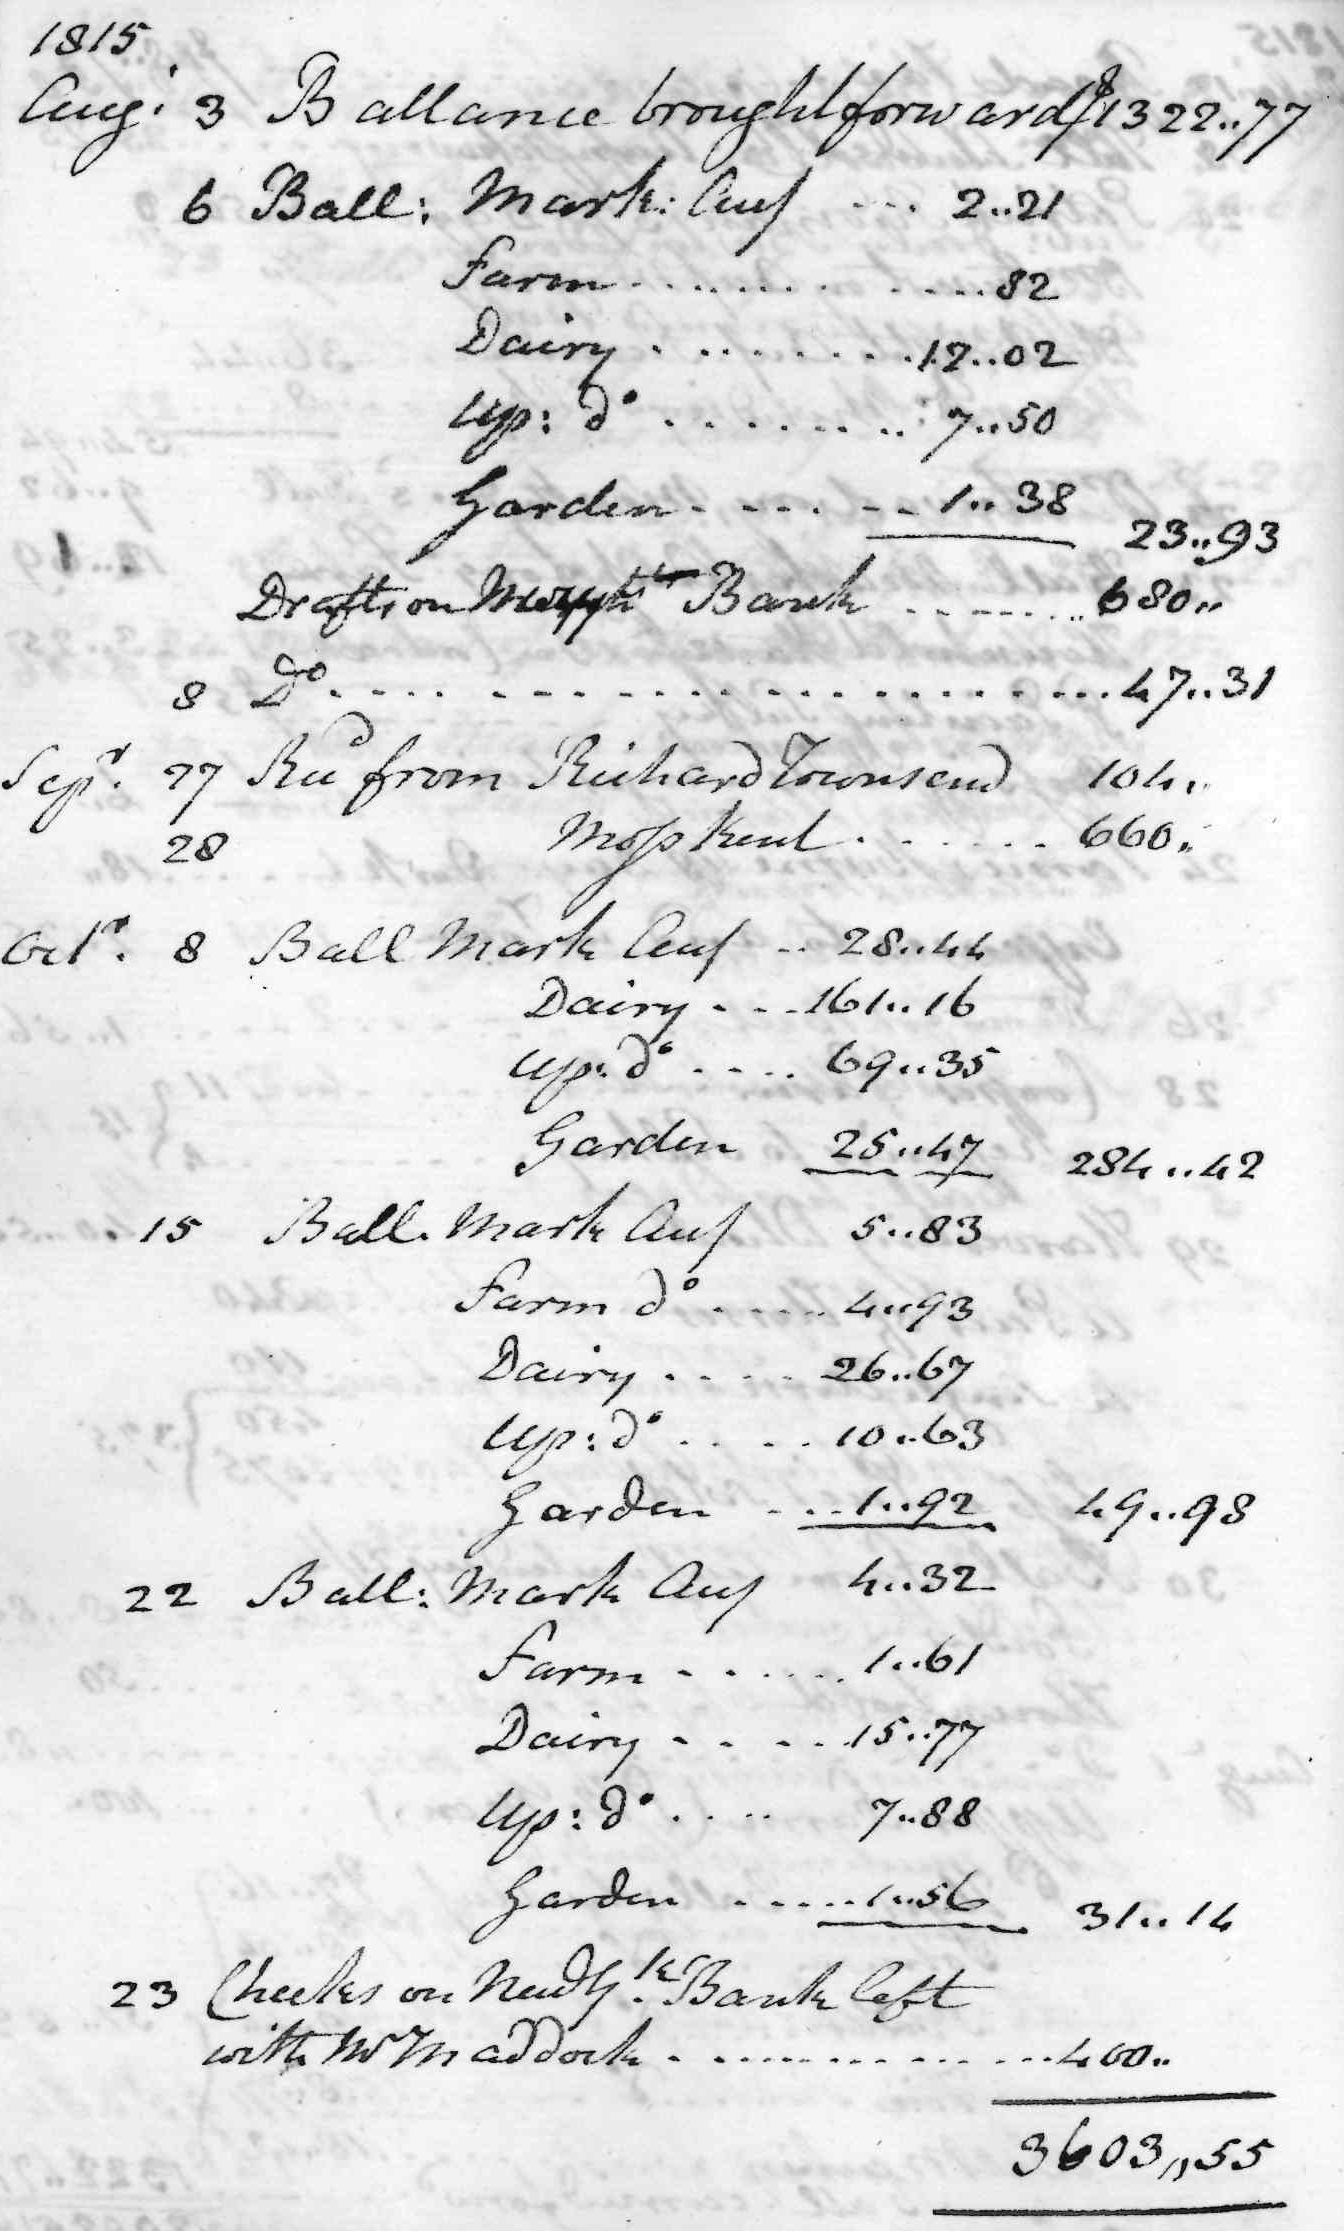 Gouverneur Morris Cash Book, folio 45, left side